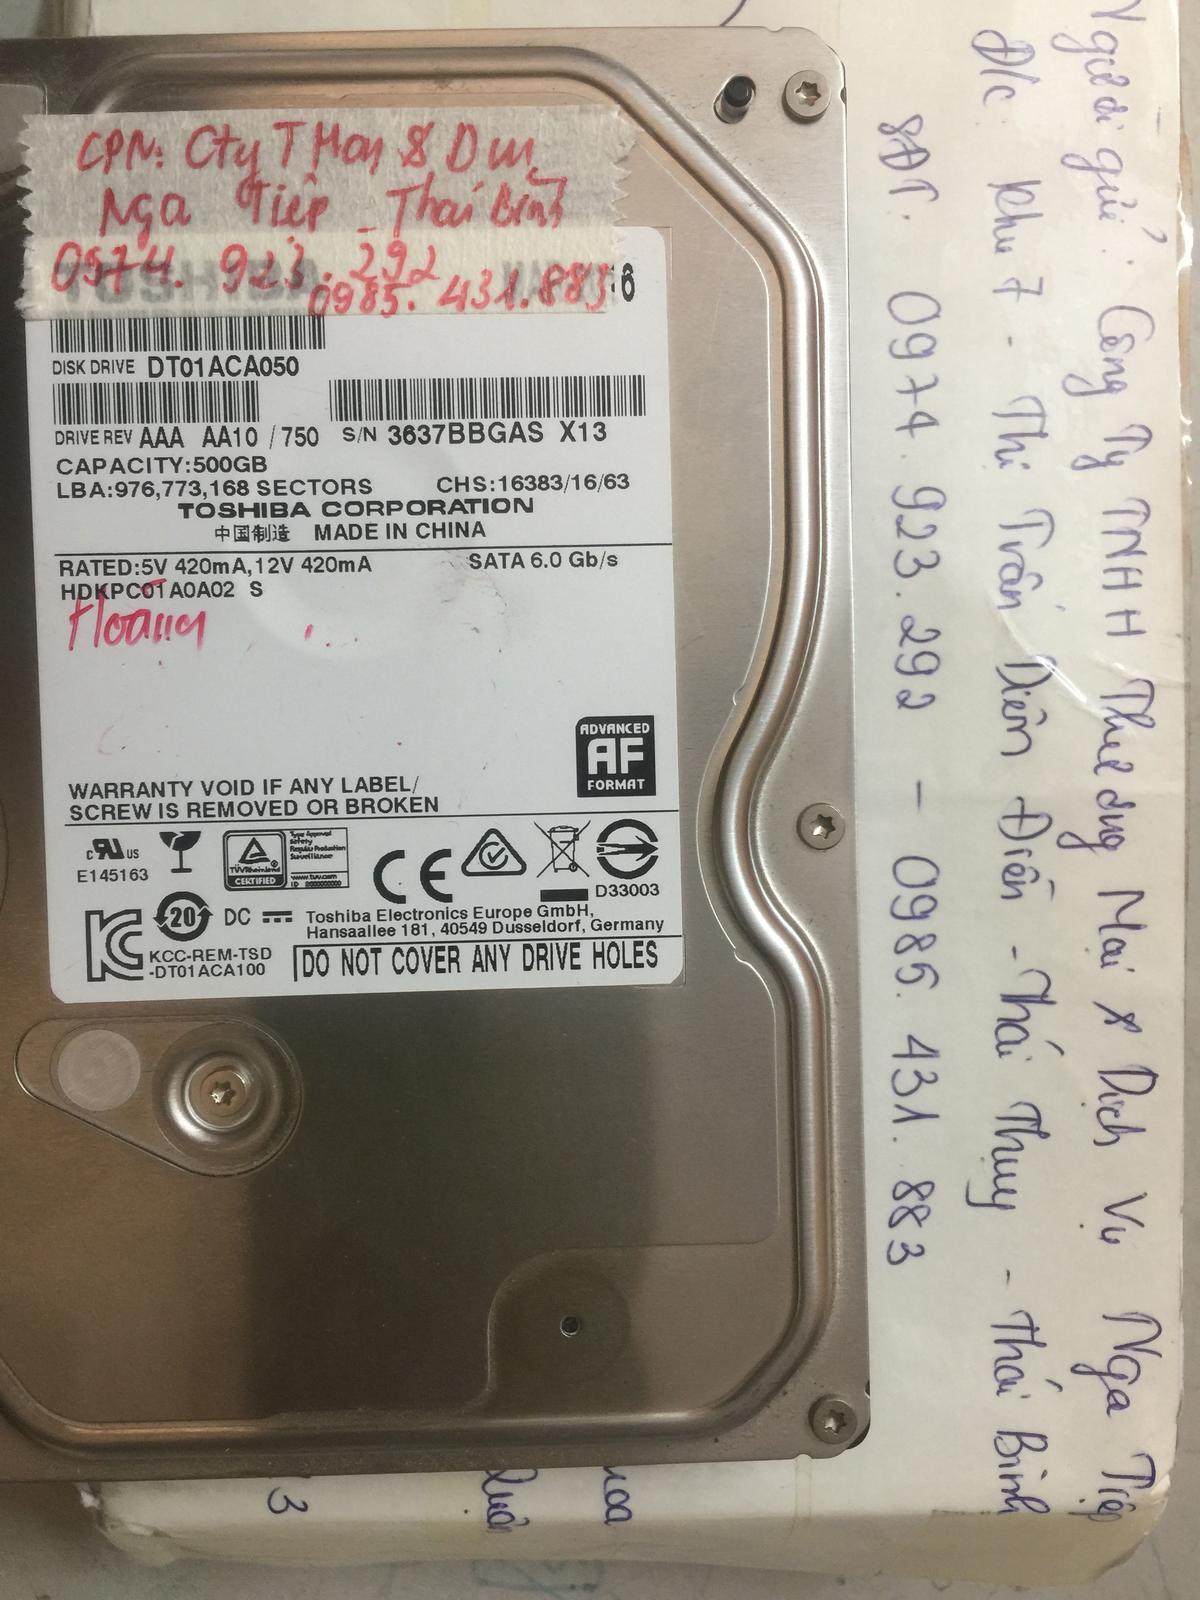 Phục hồi dữ liệu ổ cứng Toshiba 500GB lỗi đầu đọc tại Thái Bình 17/12/2018 - cuumaytinh